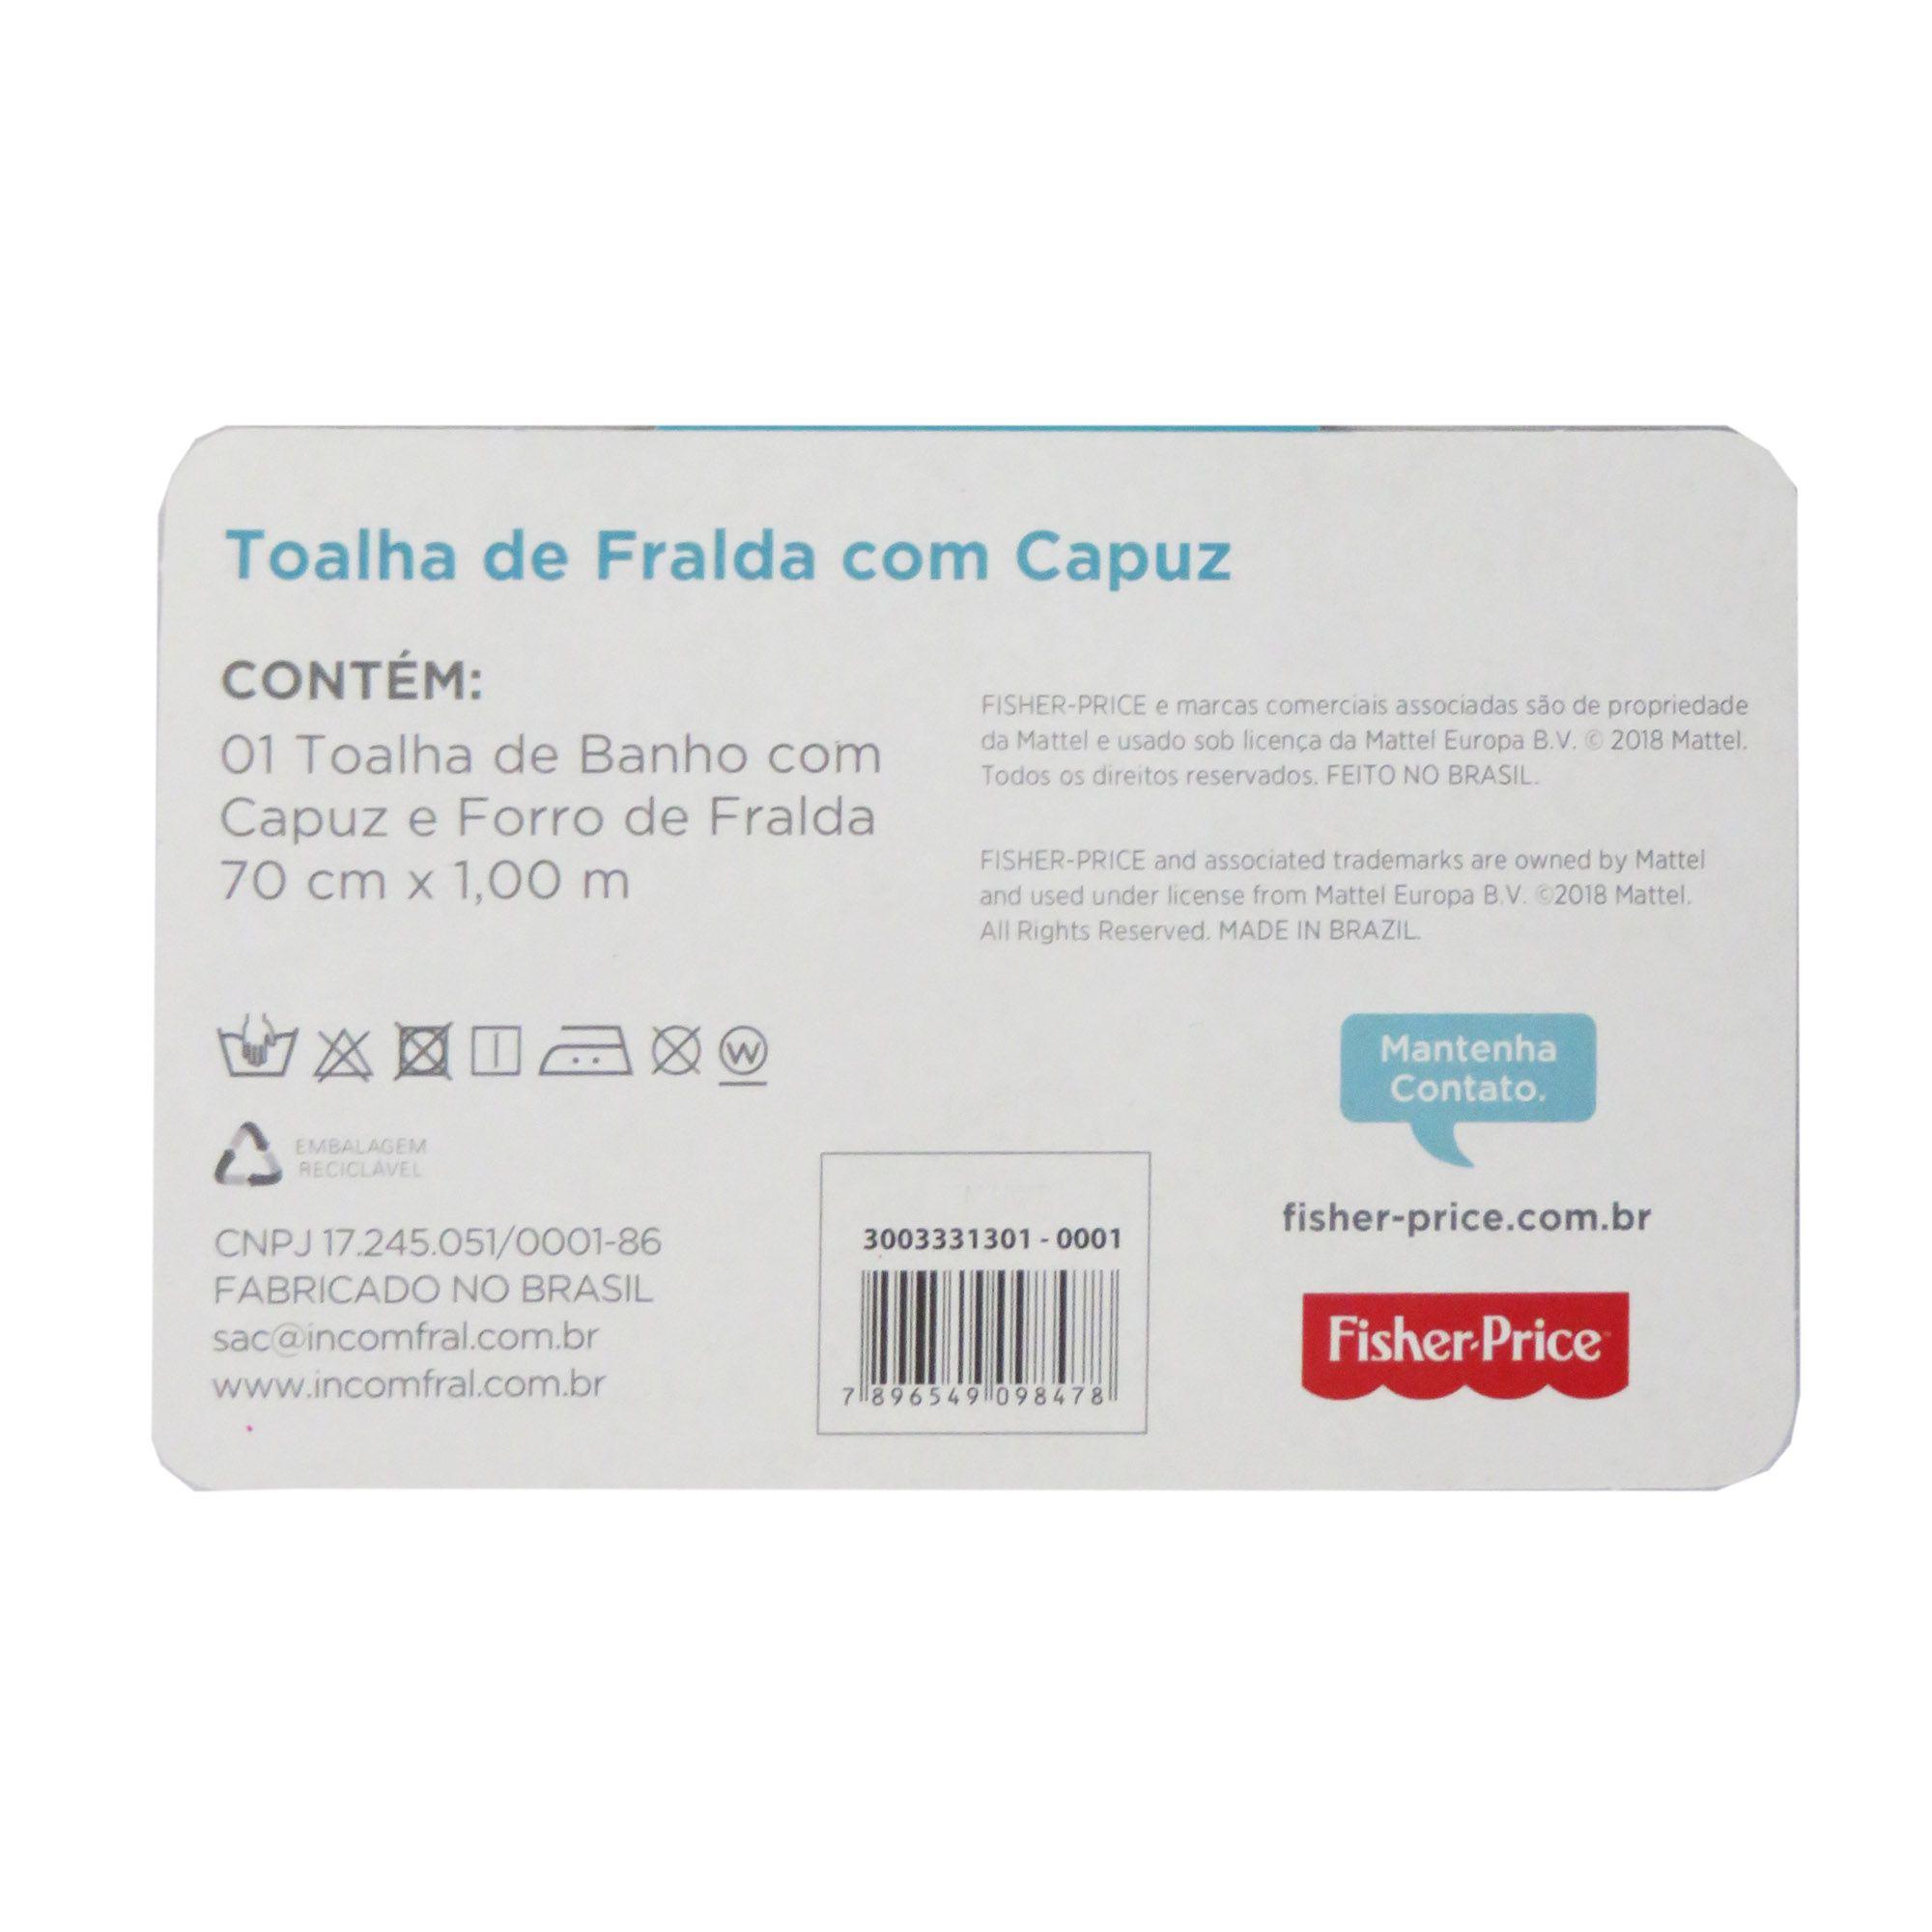 Toalha de Fralda incomfral Fisher Price - Com Capuz - Azul Claro